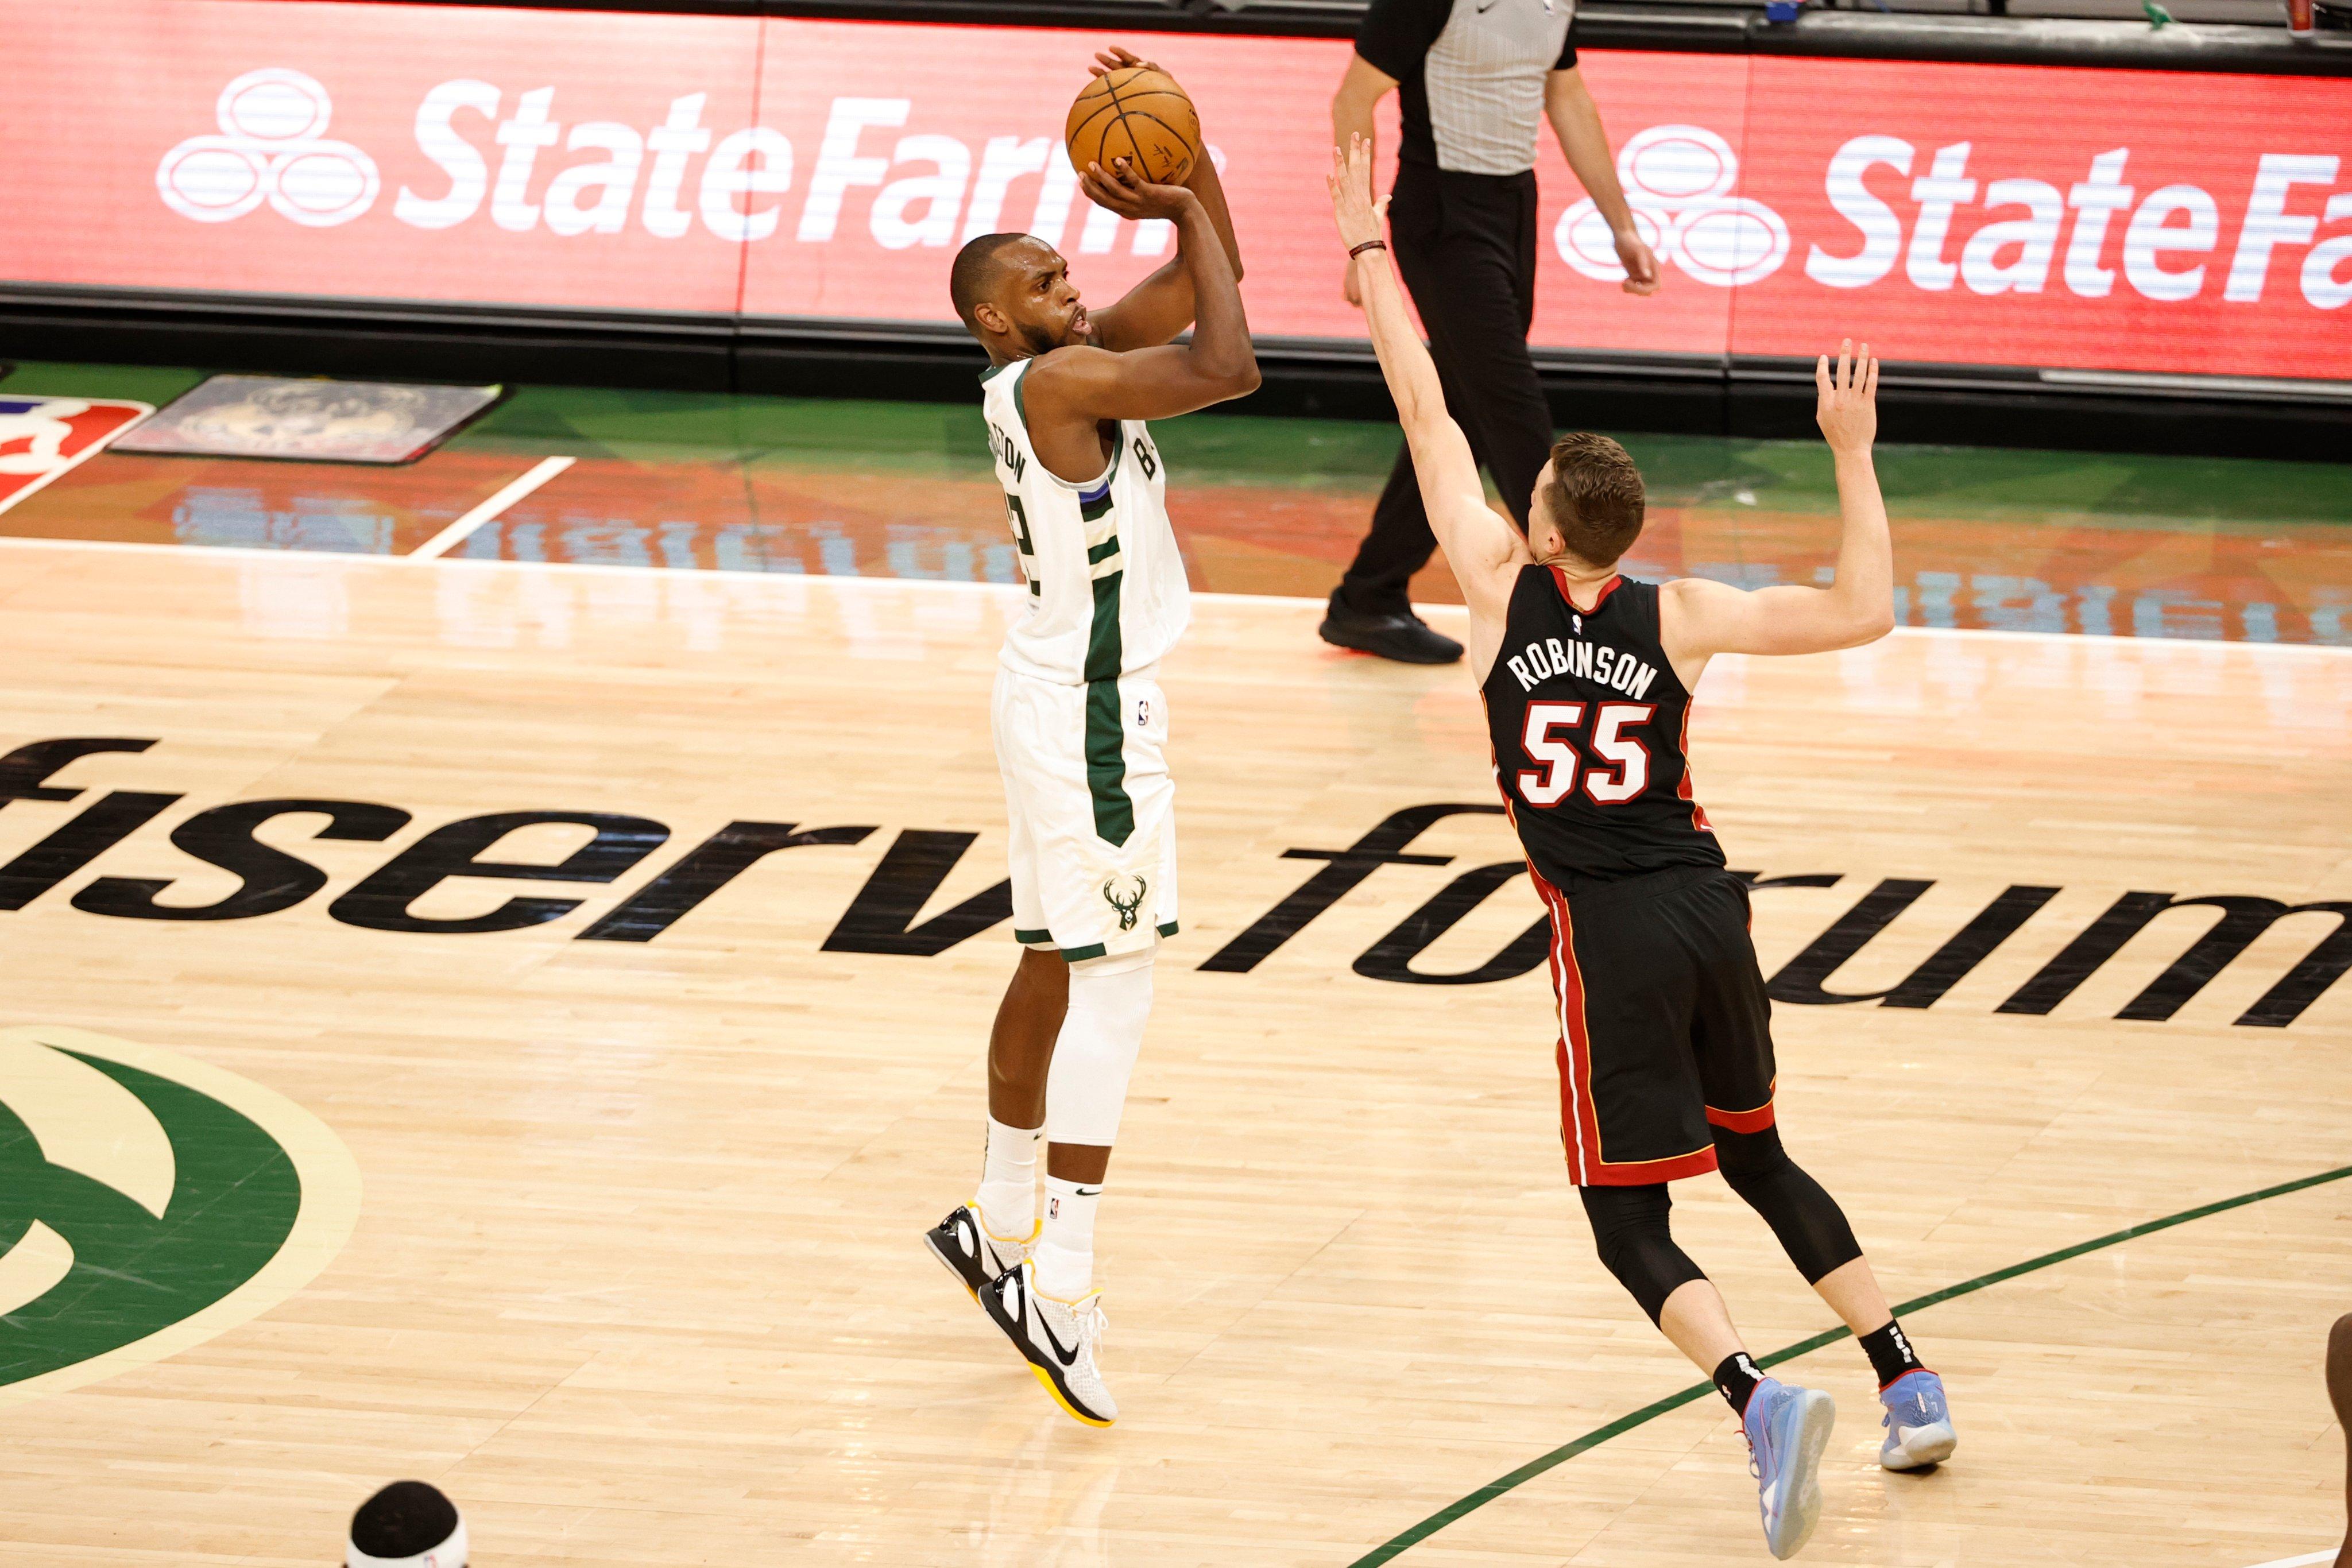 雄鹿半场命中15记三分为NBA季后赛半场第二高的三分数插图